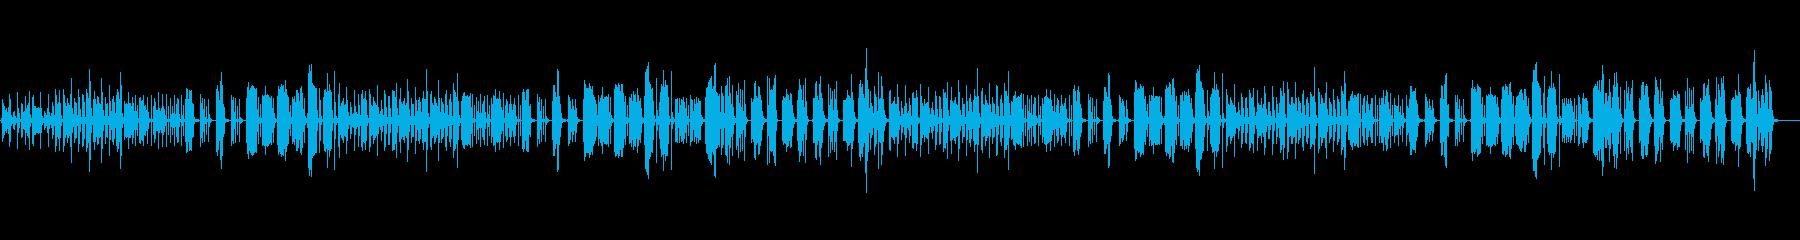 少しコミカルで、気だるい怪しい曲の再生済みの波形